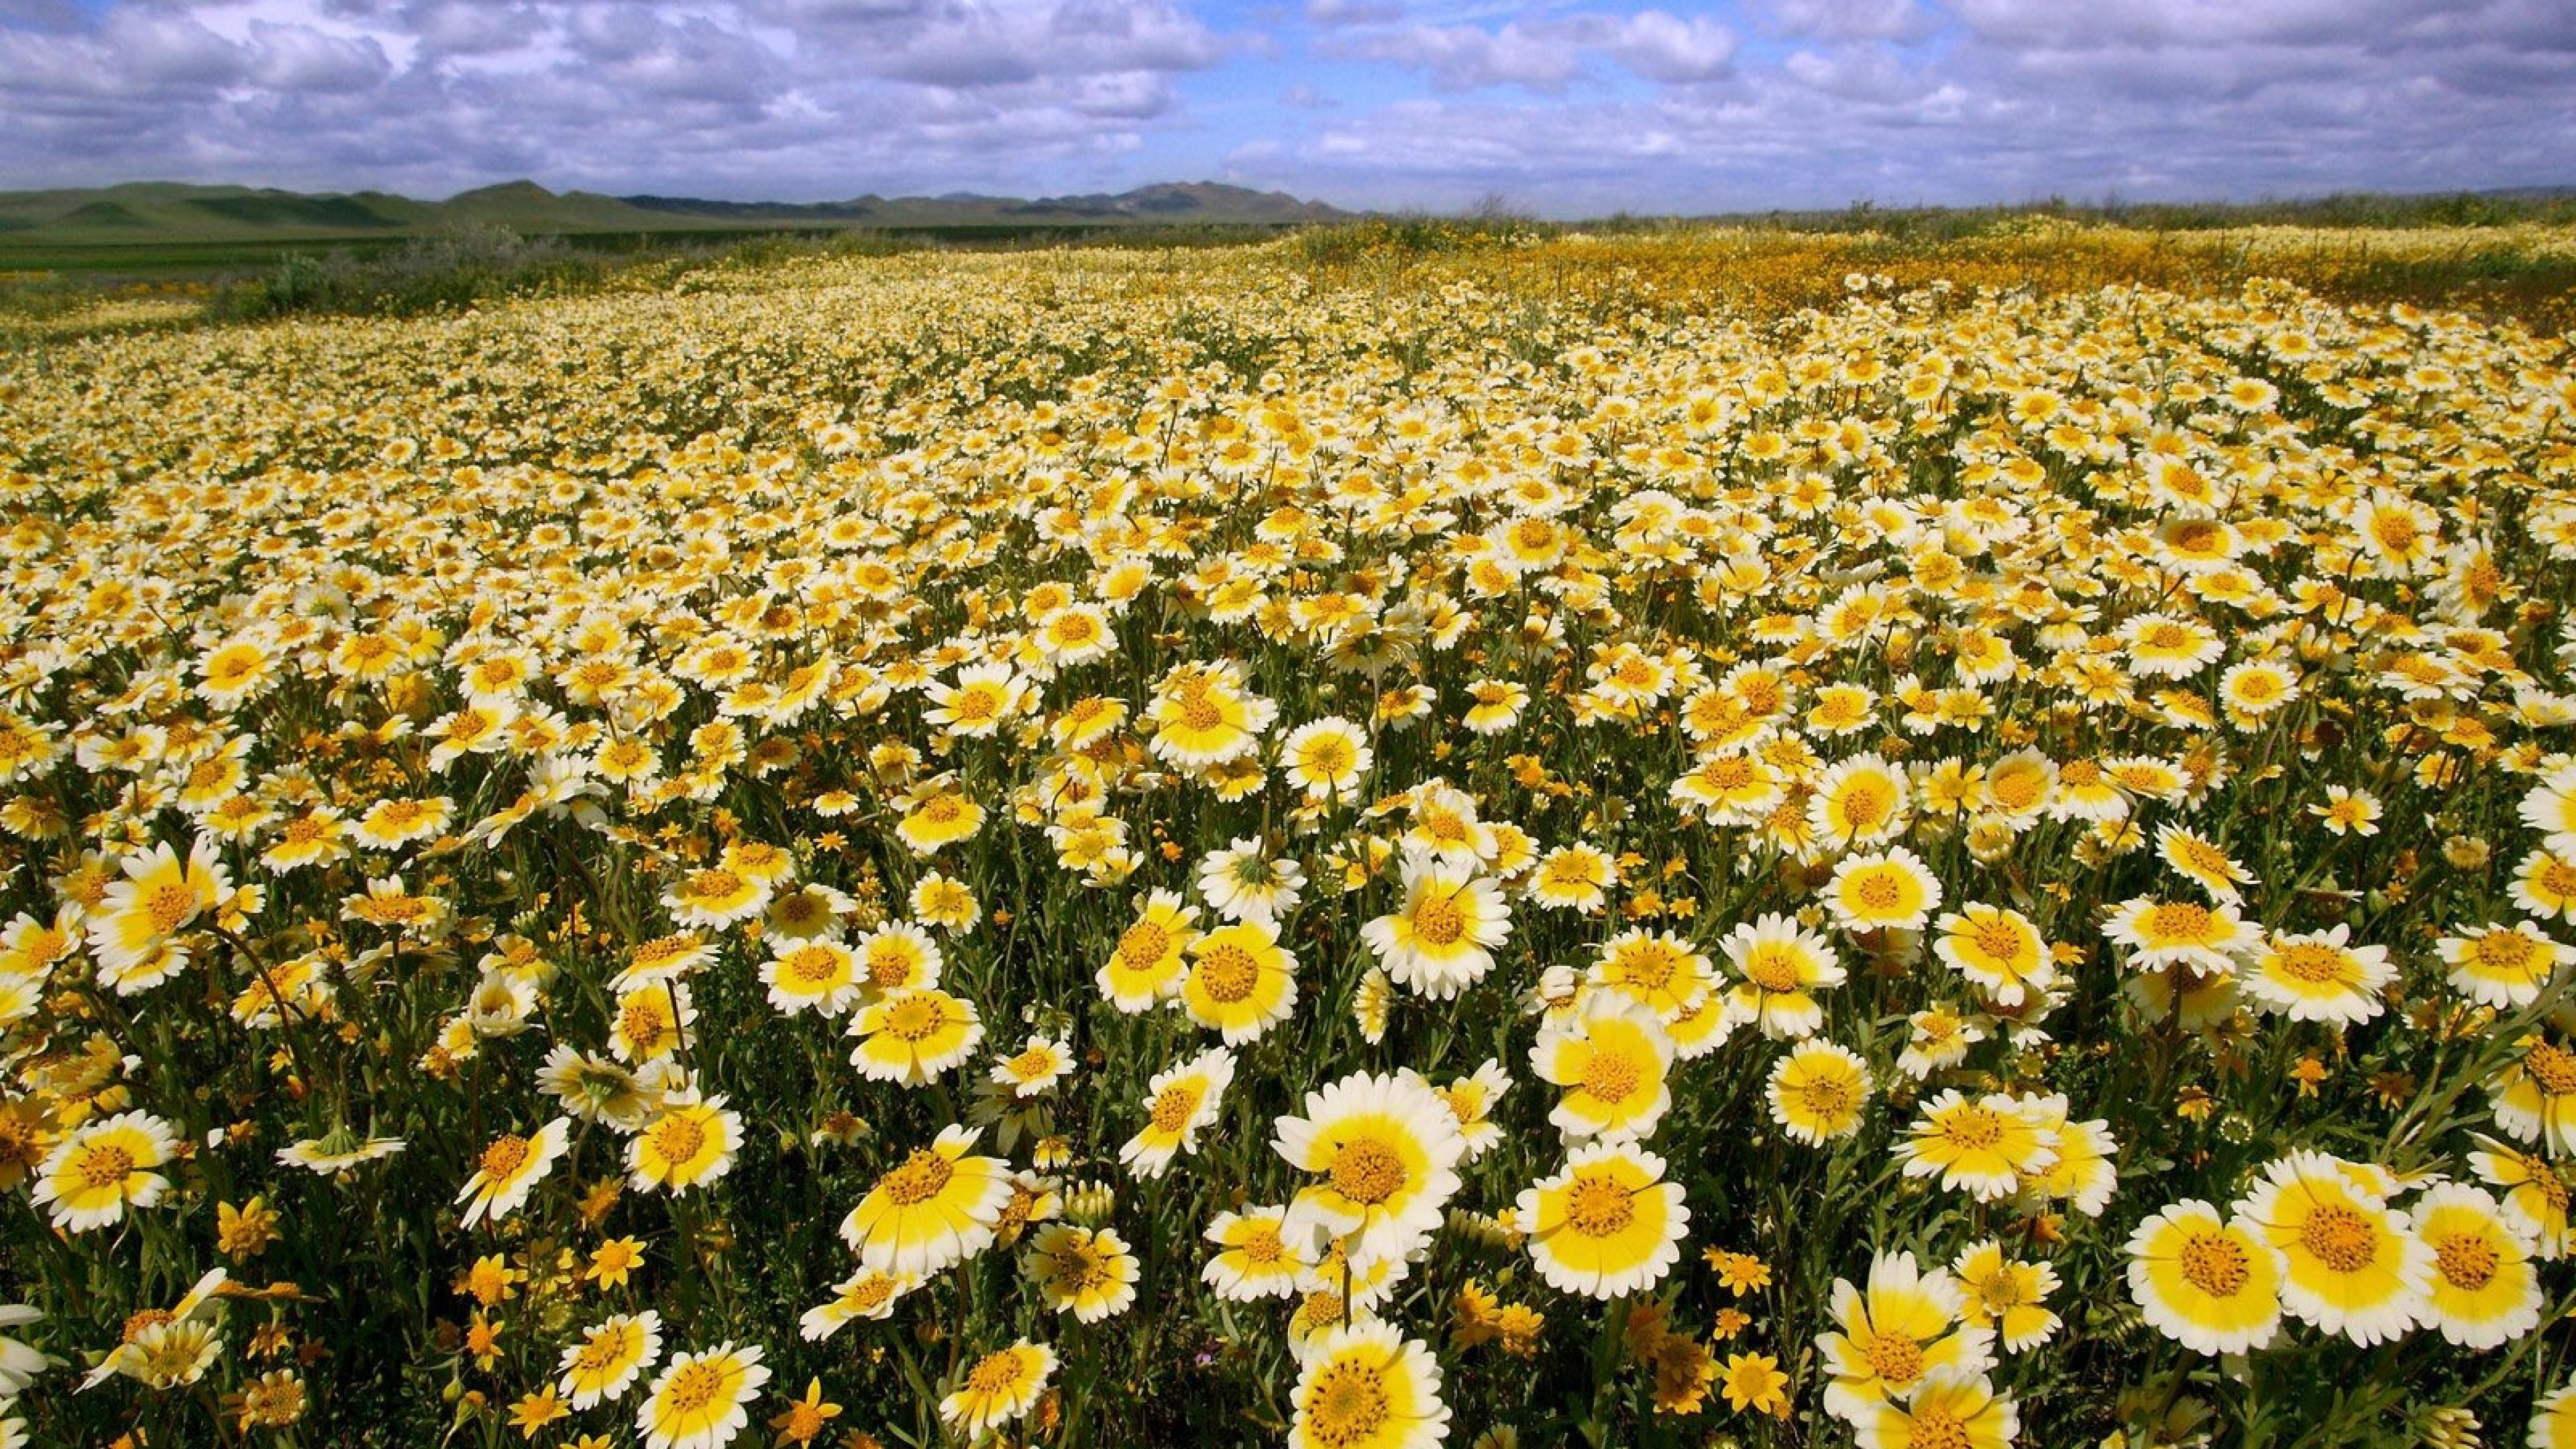 Fondos De Pantalla O Wallpapers Naturaleza Flores La: Hermosos Fondos Naturaleza Hd Con Margaritas (7)